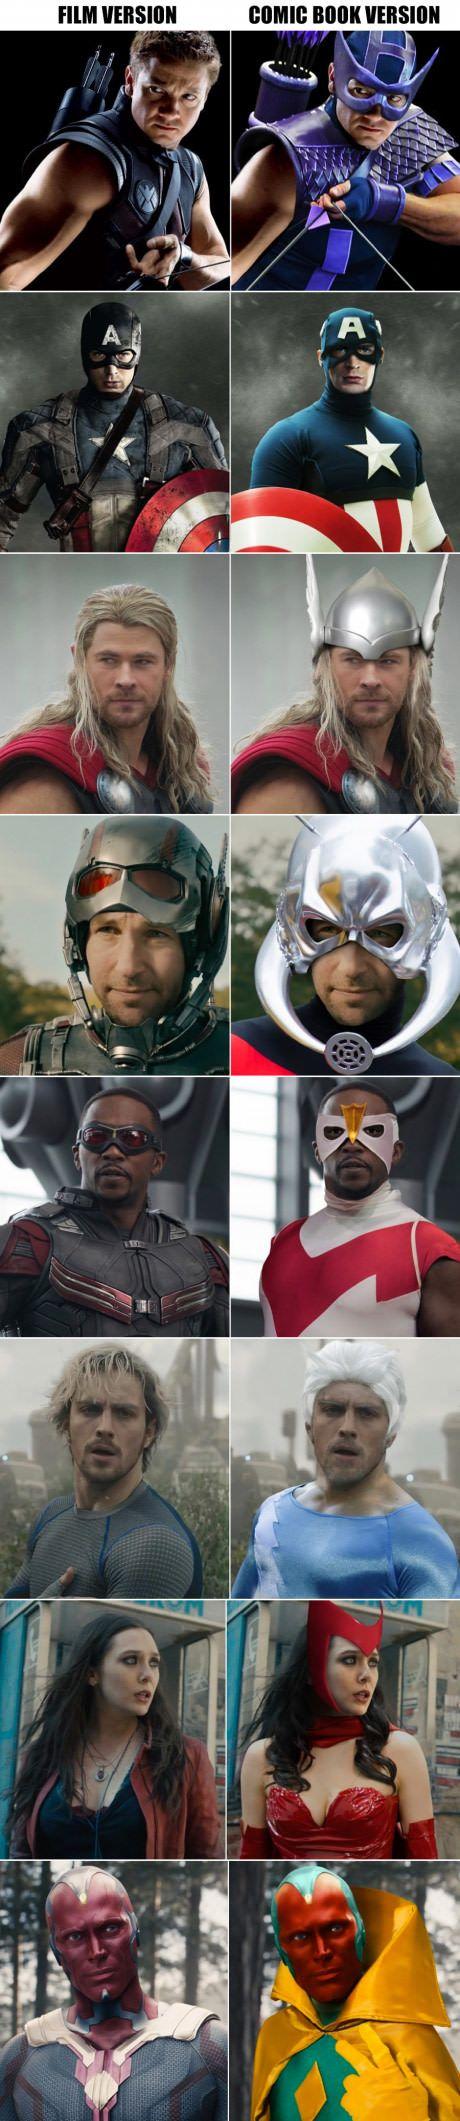 Voce ja parou pra pensar como seriam os herois vestidos conforme as hqs ???(que bom q eles mudaram kkk)